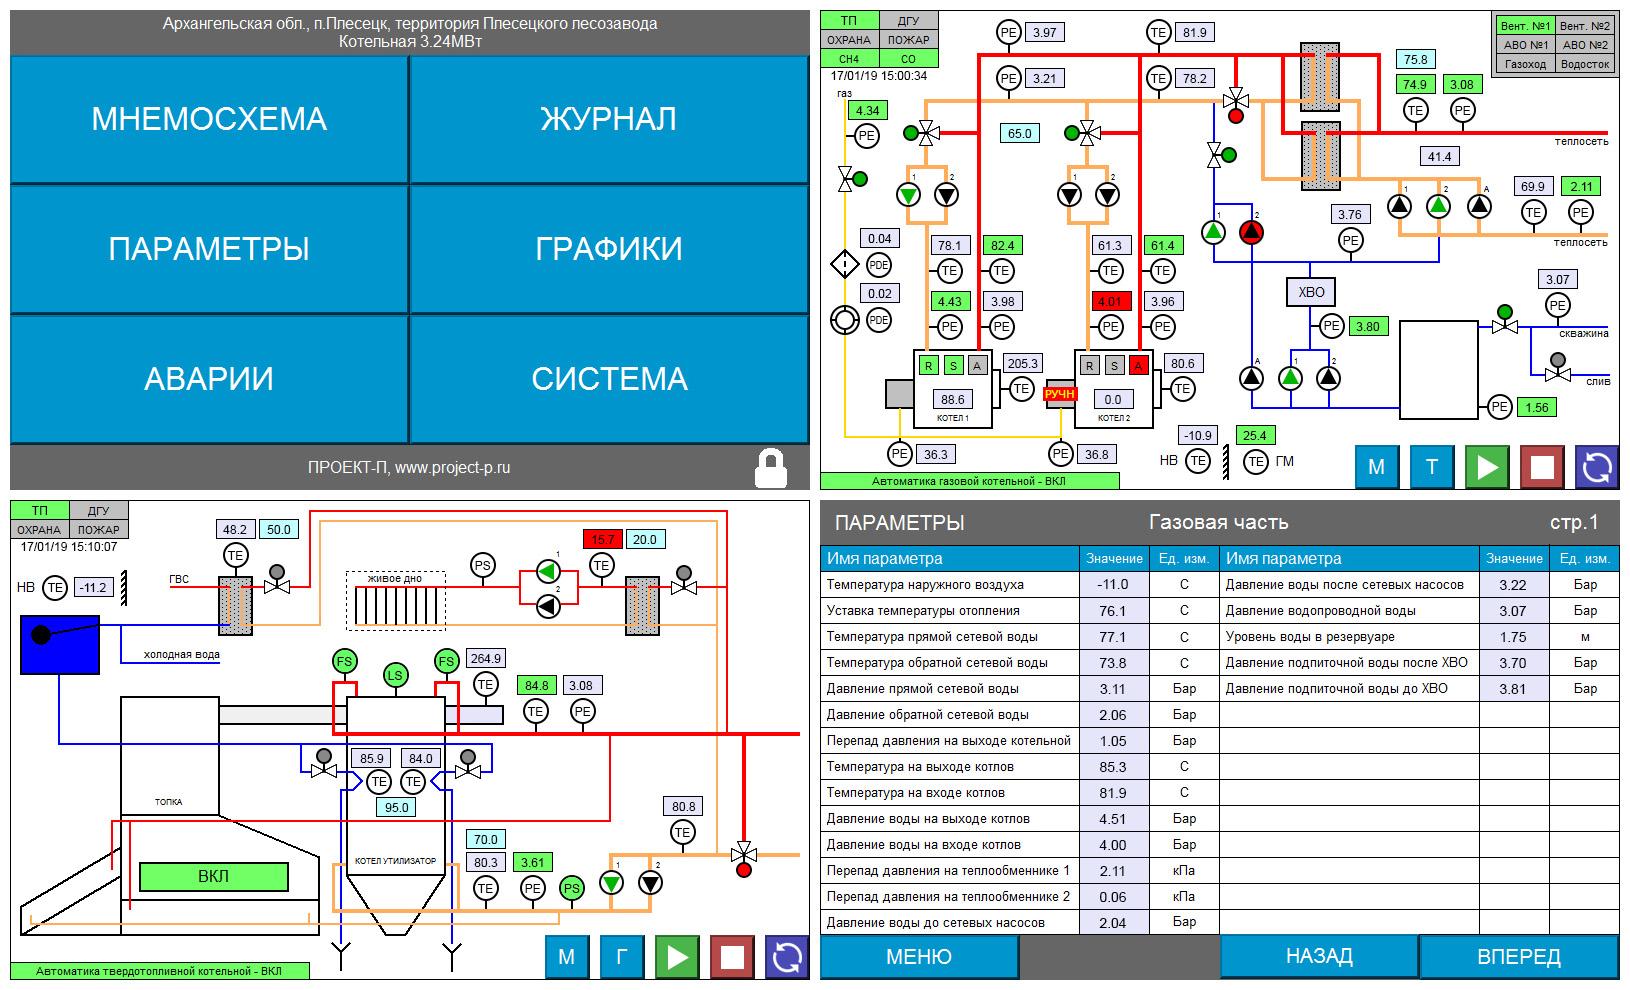 Пусконаладочные работы котельной 3.24МВт - экраны панели оператора Weintek 1